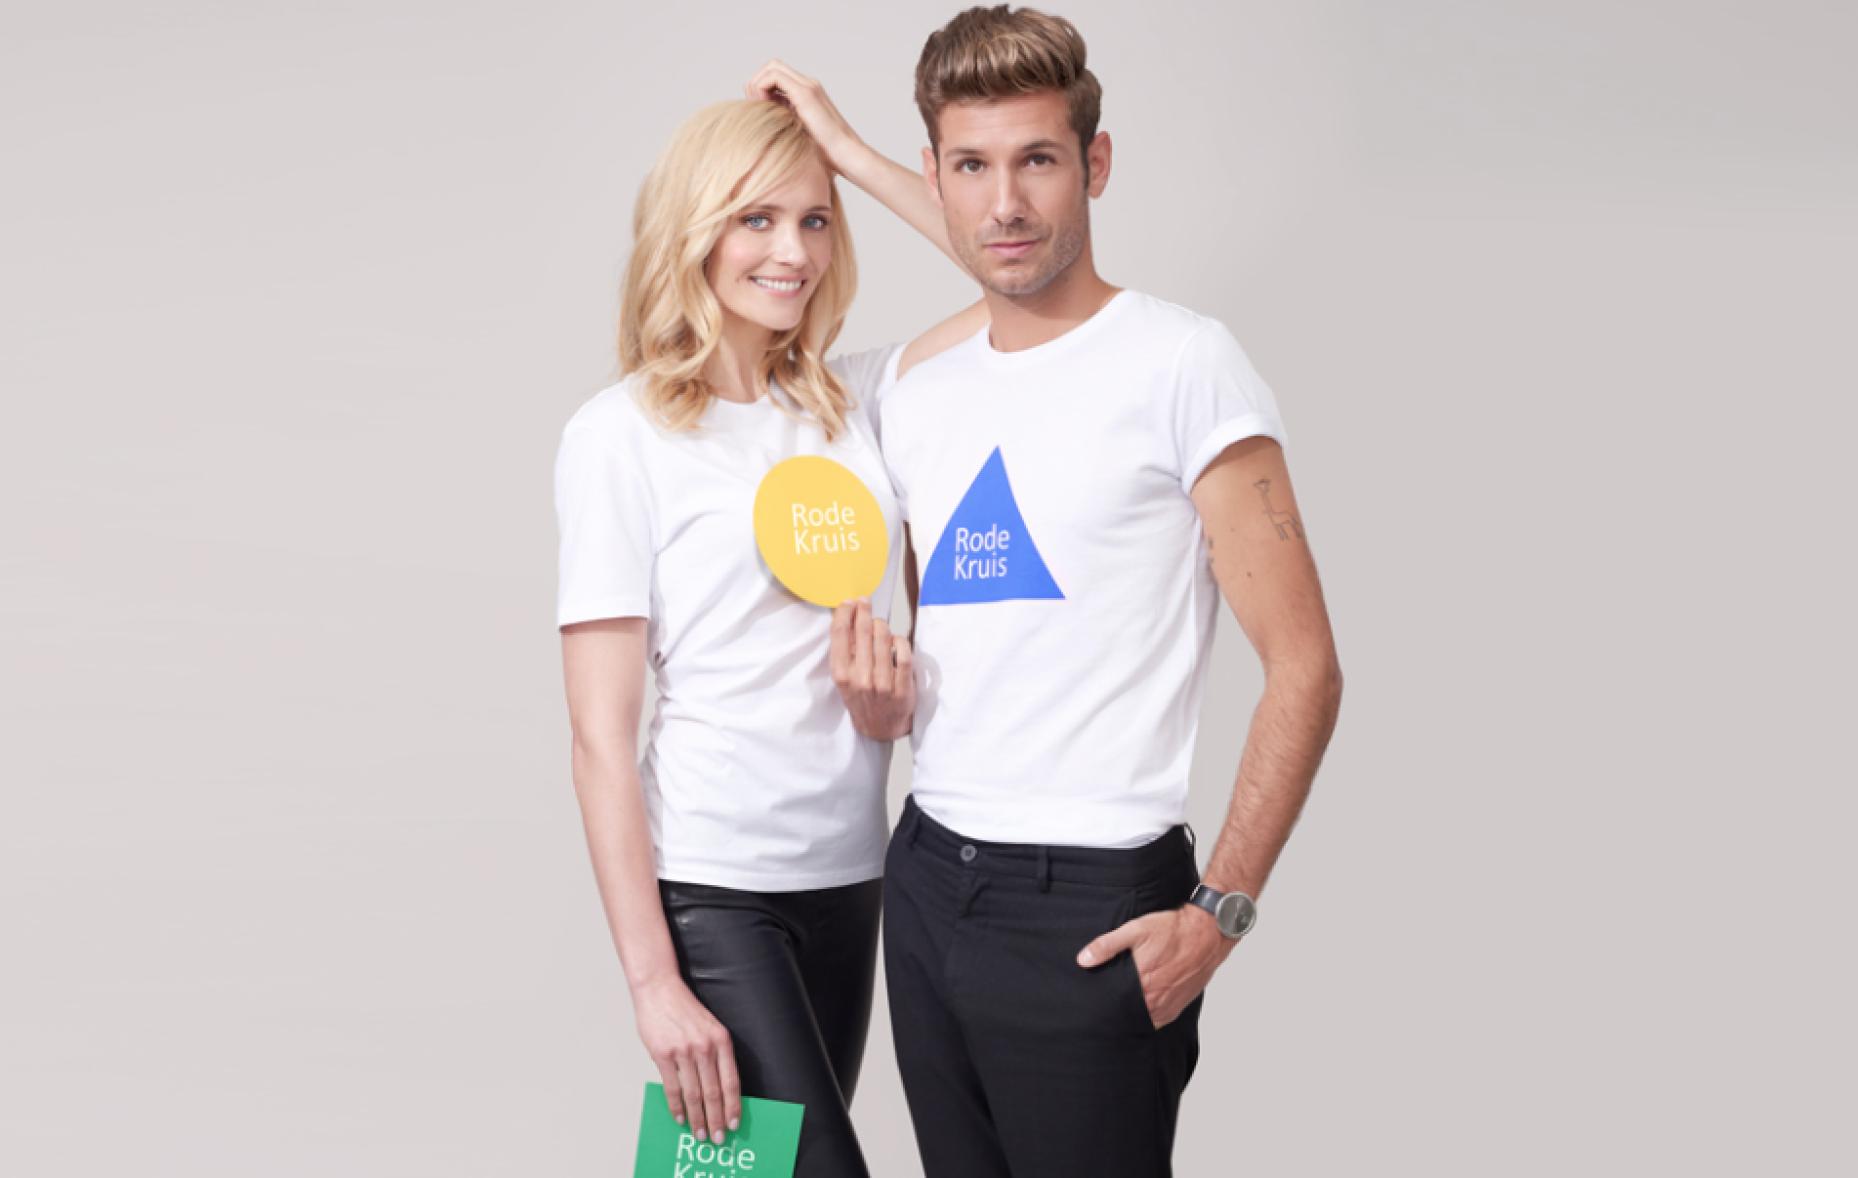 Moam ontwerpt zomerse t-shirts voor 150e verjaardag Rode Kruis